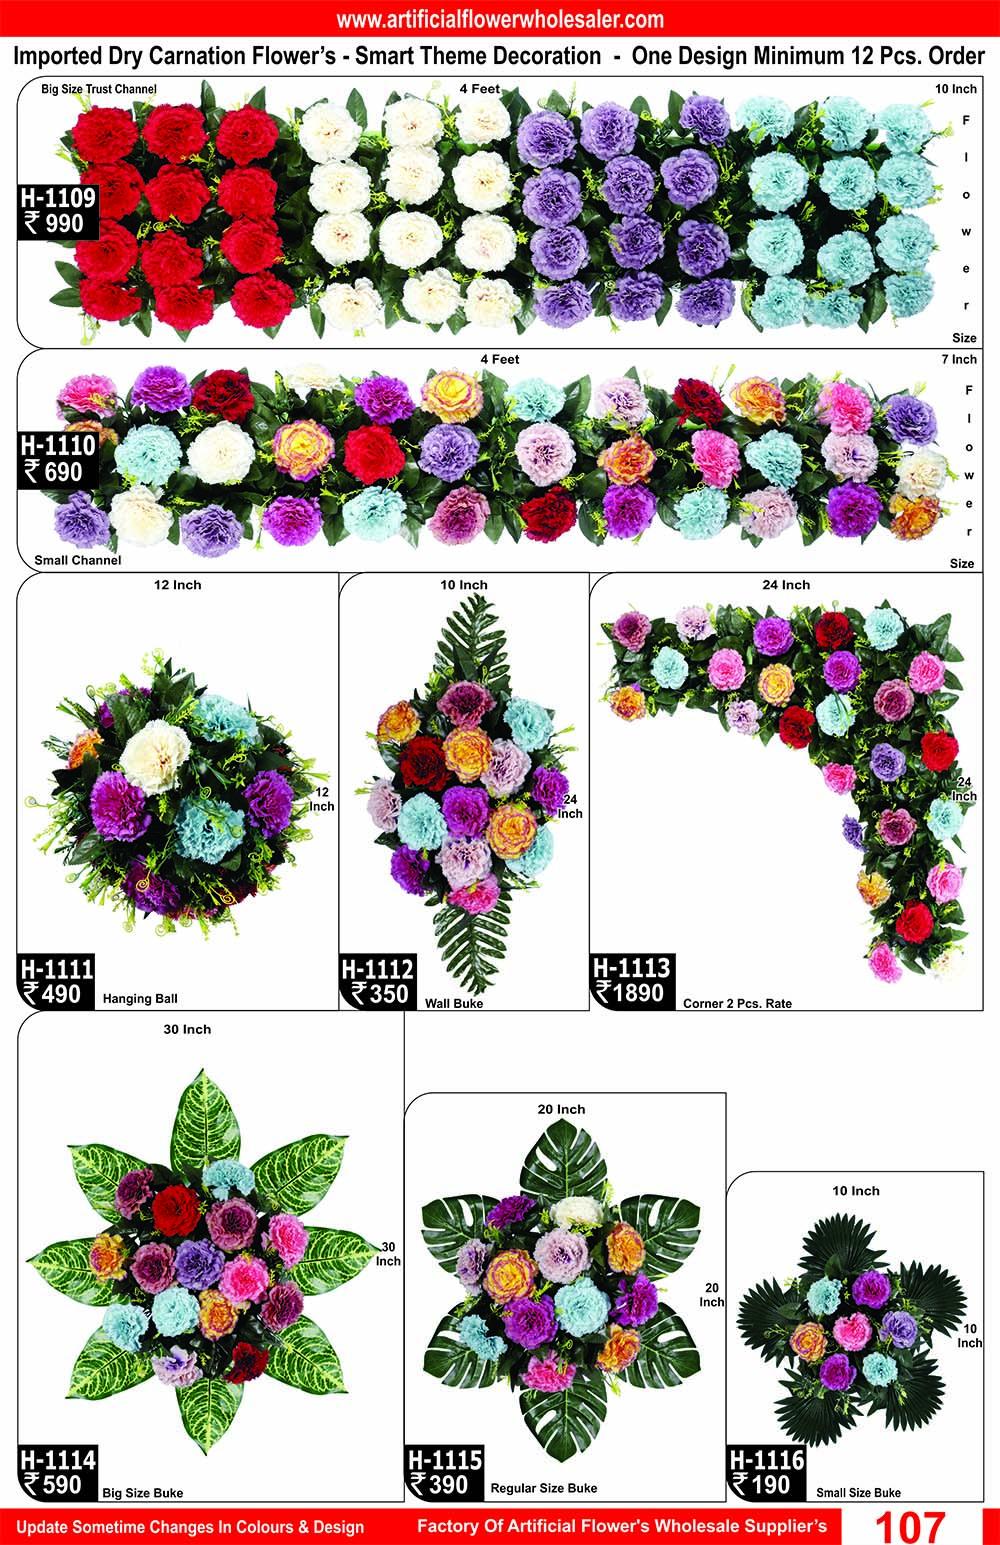 107-artificial-flower-wholesaler